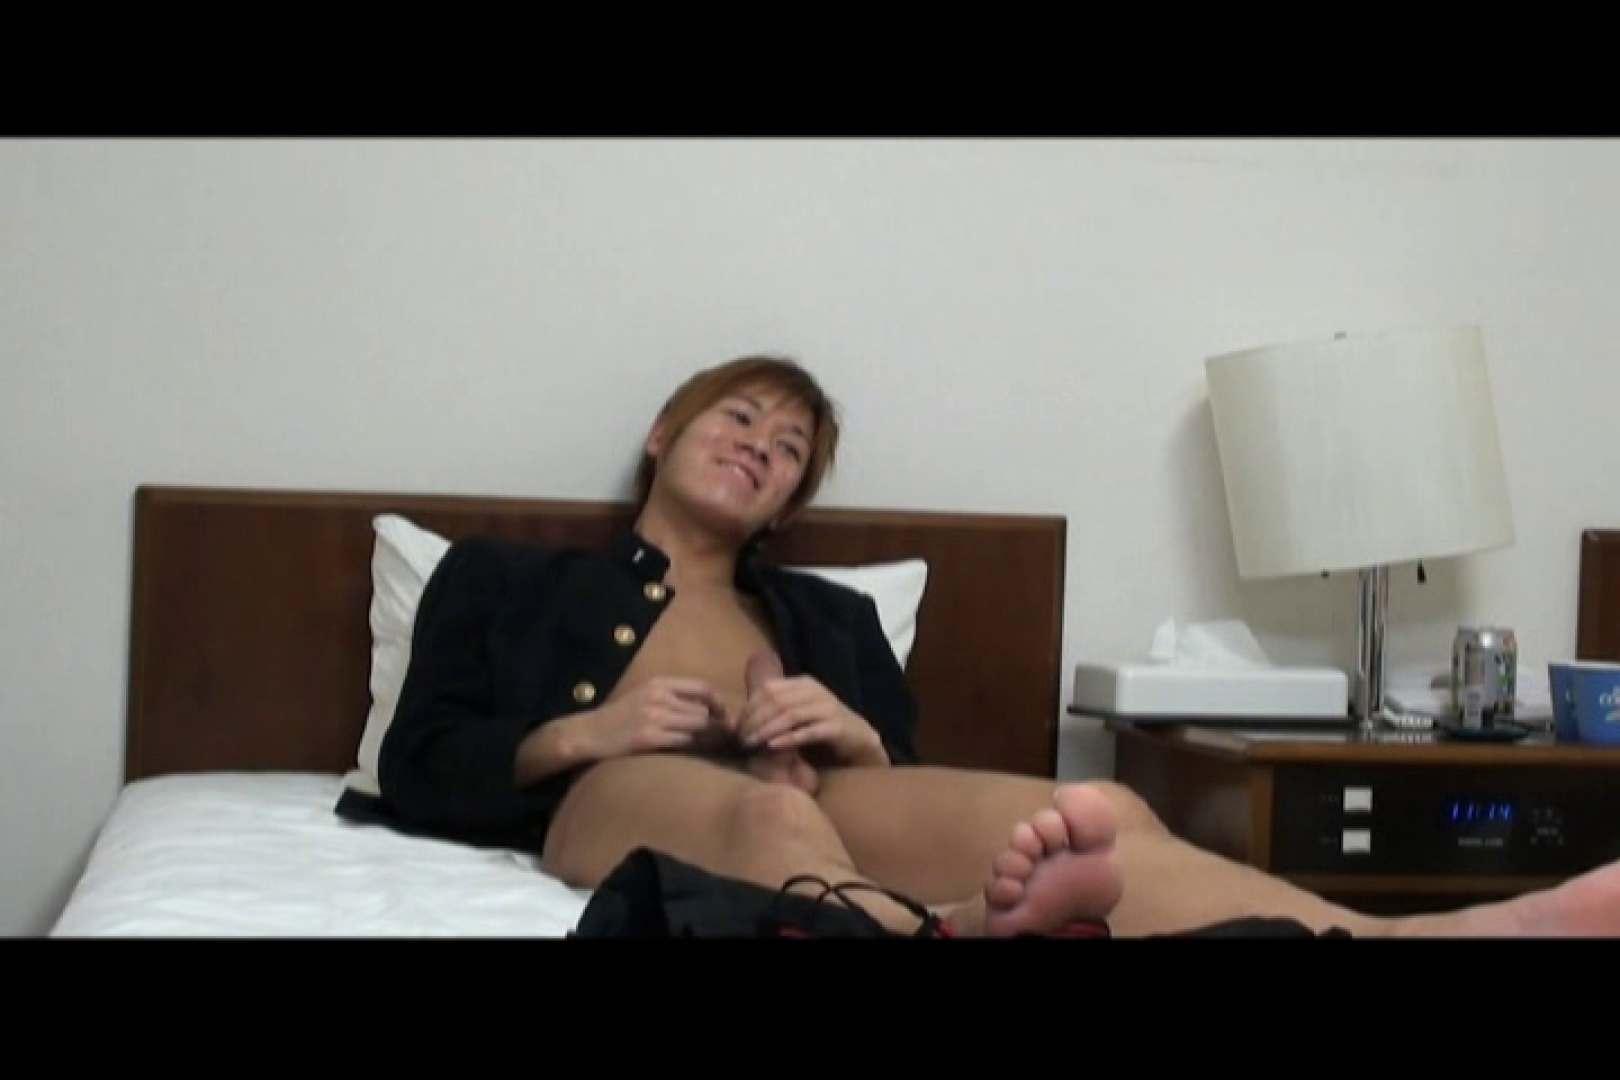 目線解禁!ノンケイケメン自慰行為編特集!VOL.02 人気シリーズ | 裸  64pic 20